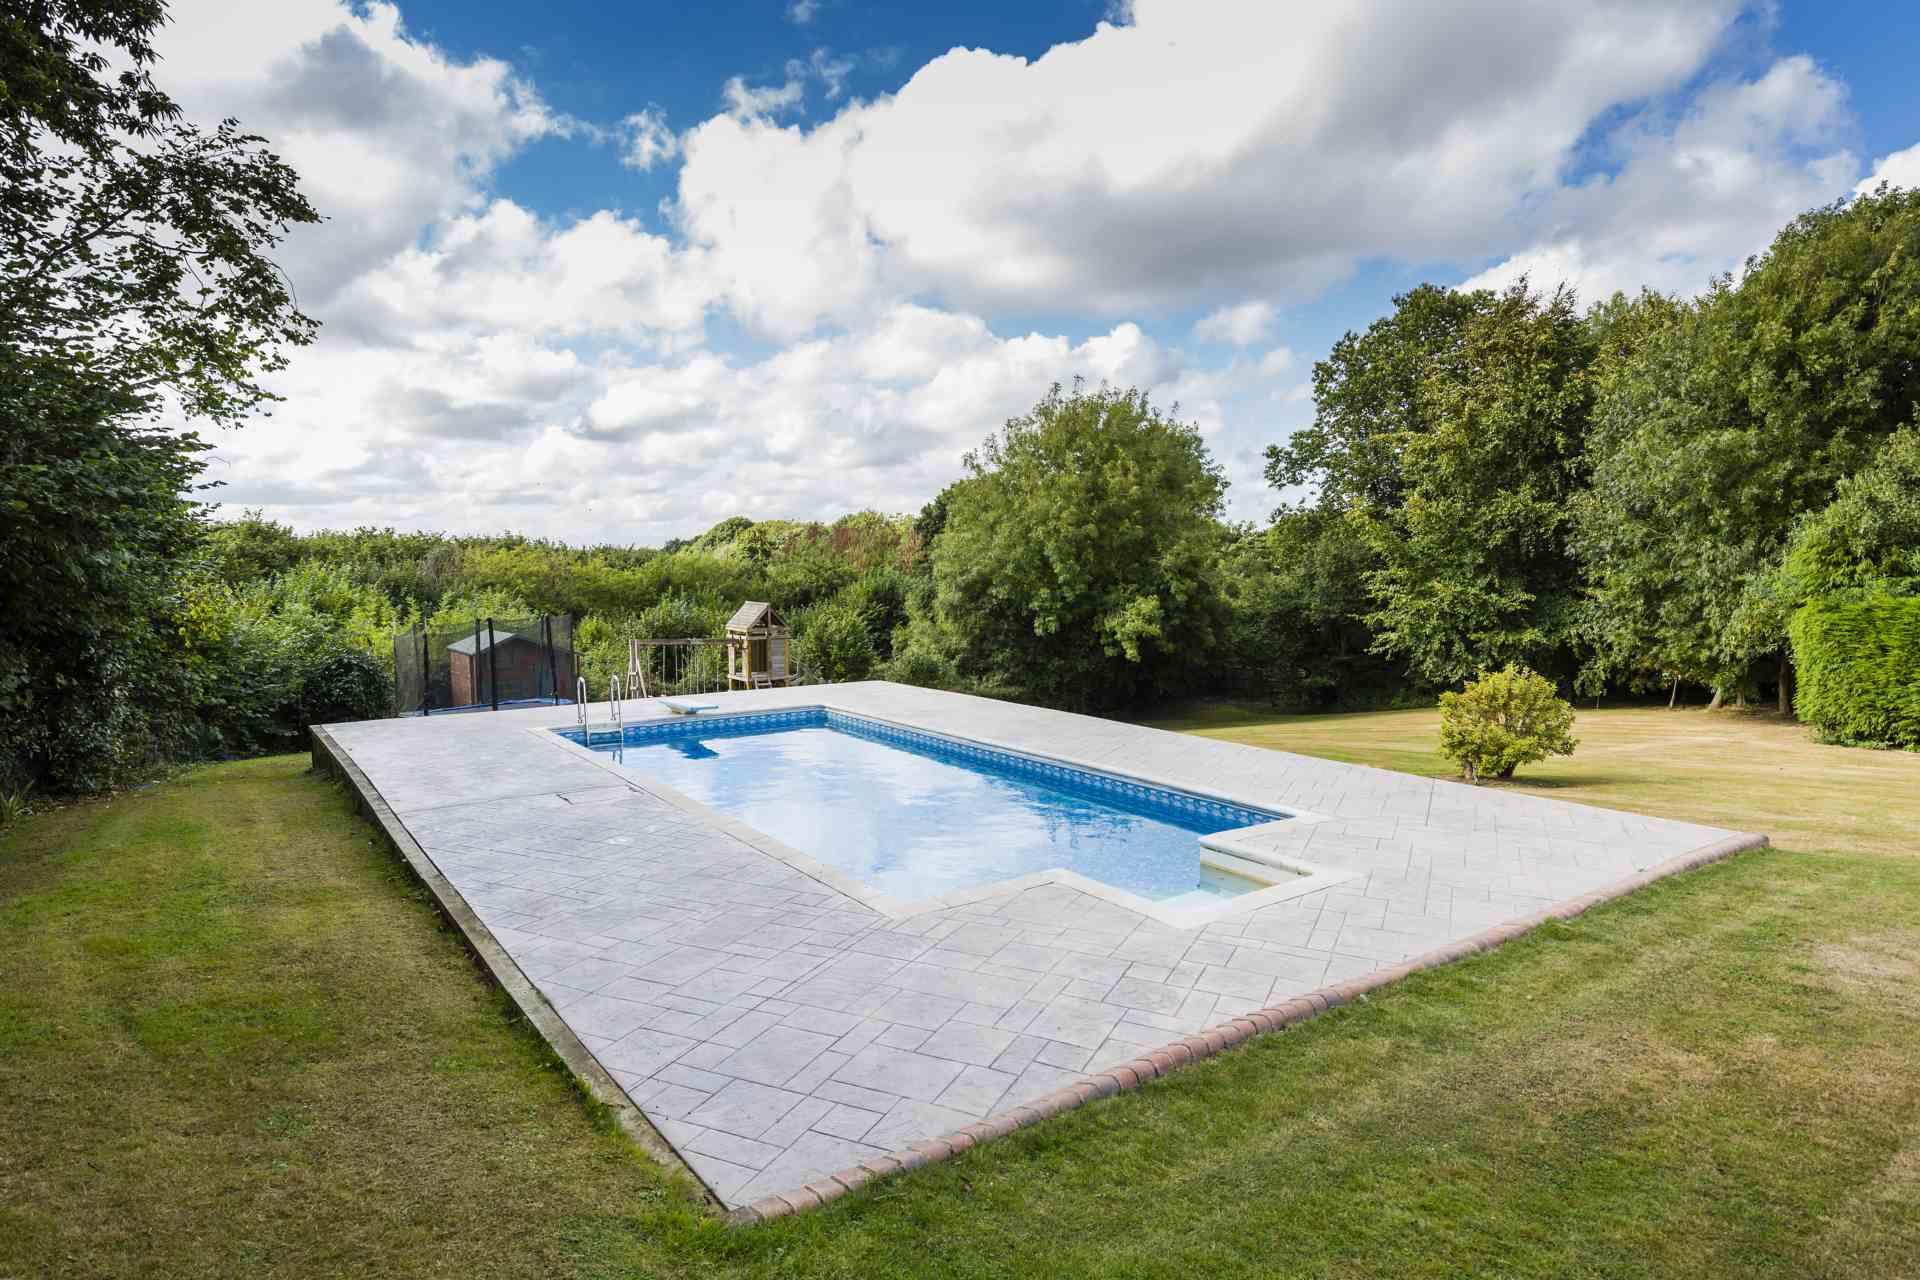 1 Retreat Cottages, Hilltop, Hunton, Image 7